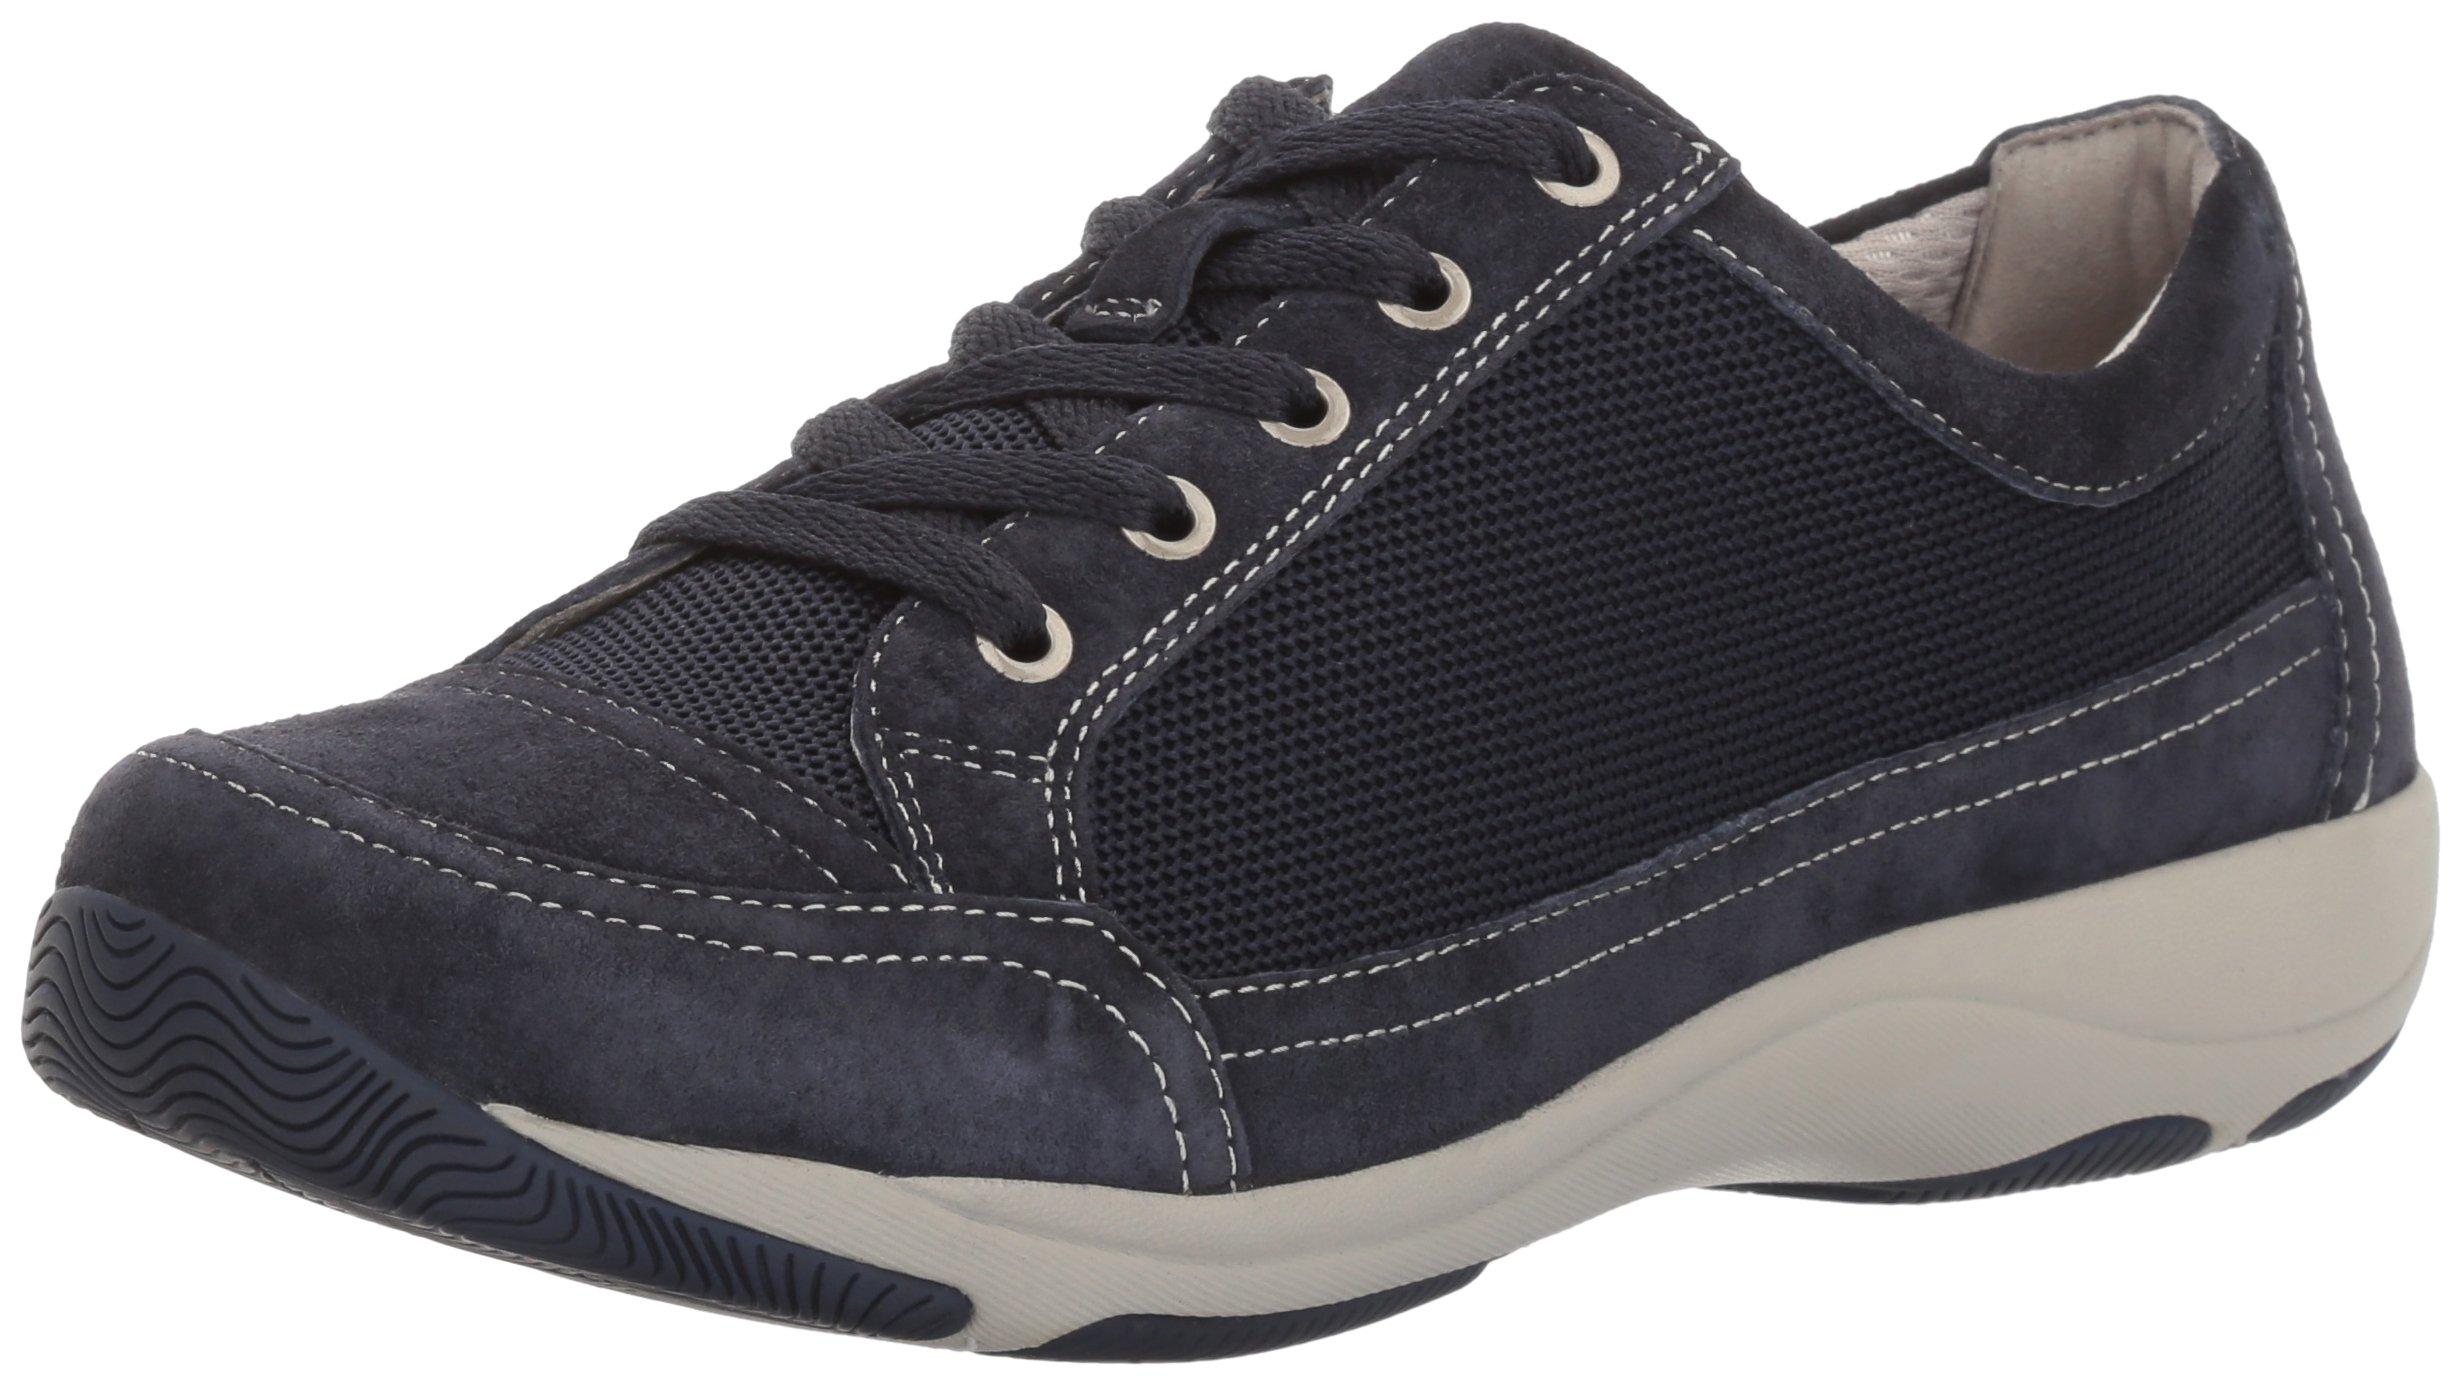 Dansko Women's Harmony Fashion Sneaker, Navy Suede, 41 EU/10.5-11 M US